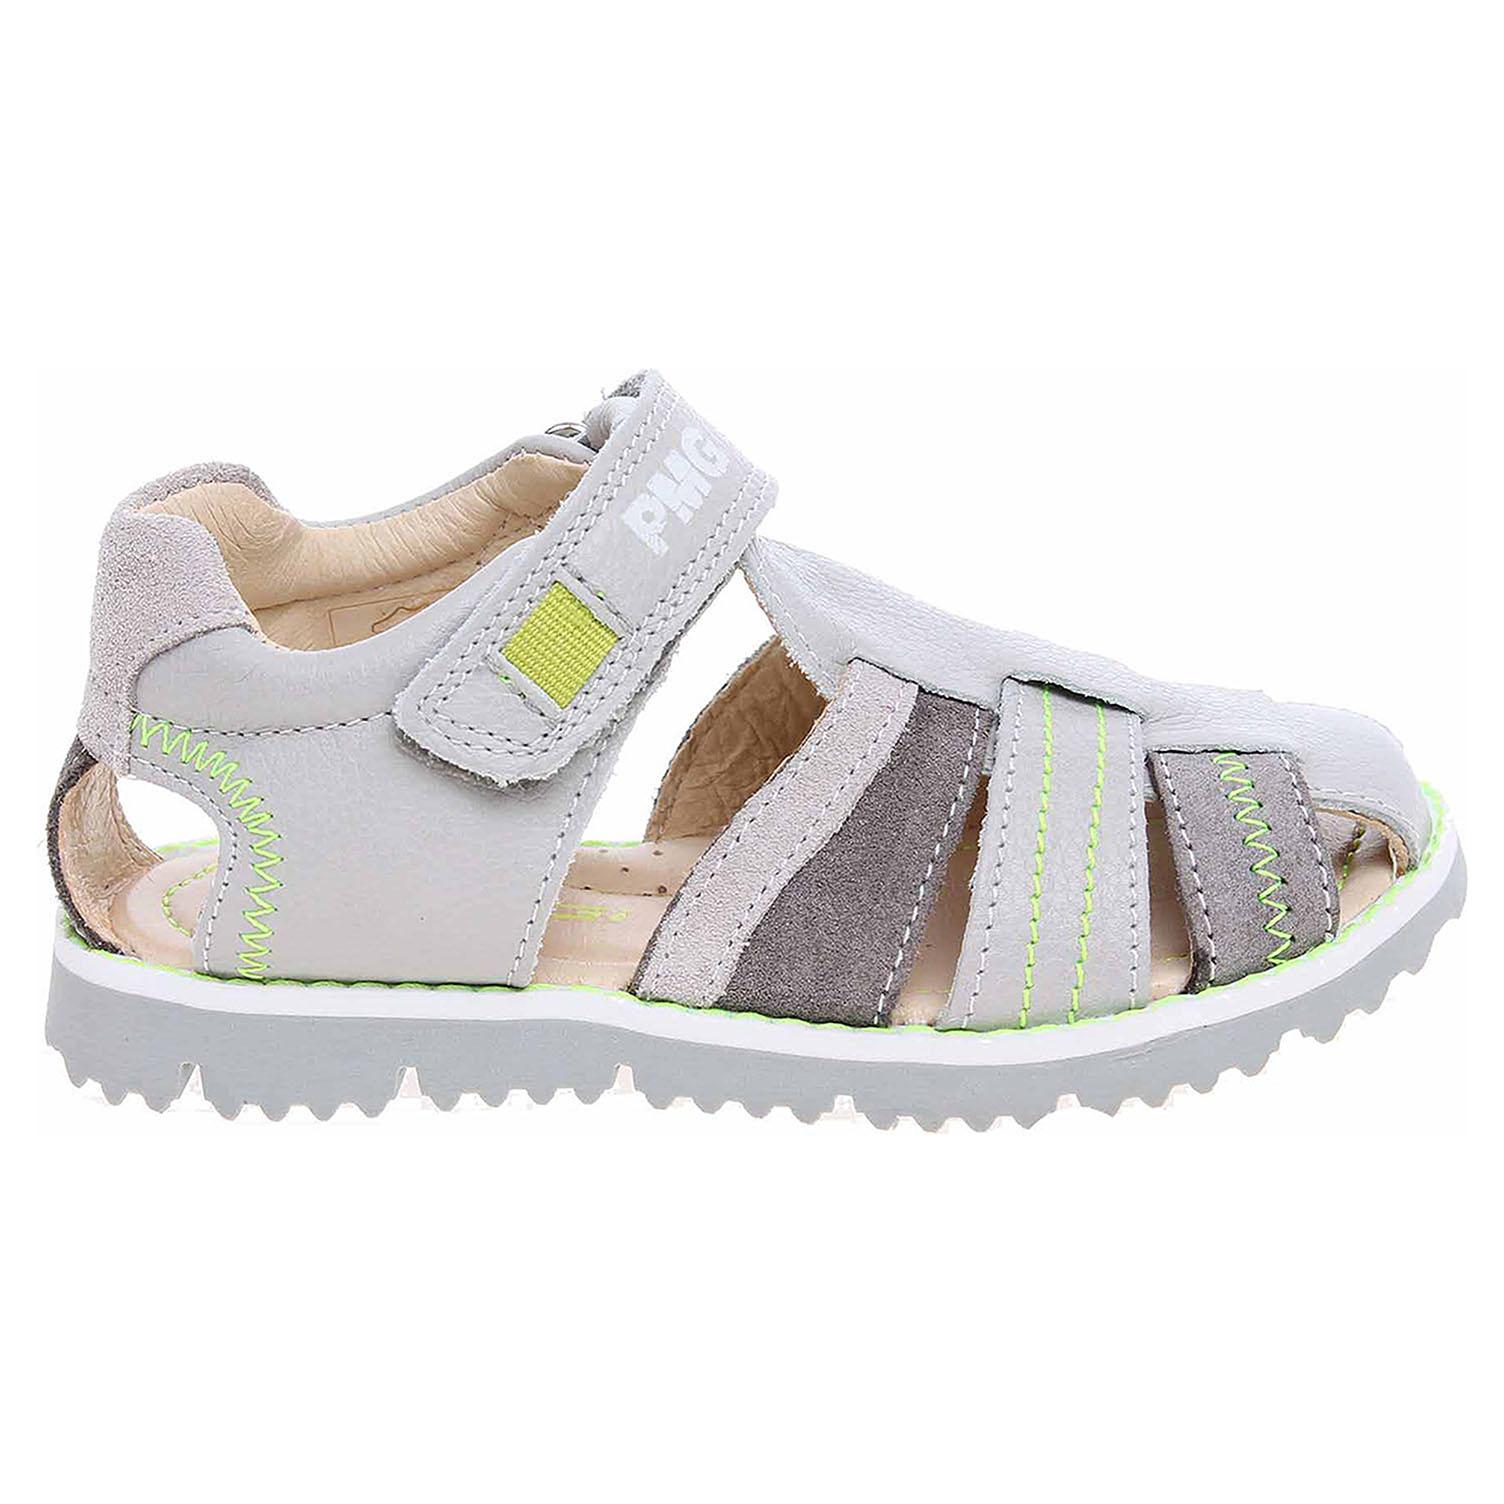 Ecco Primigi chlapecké sandály 7128100 šedé 29300077